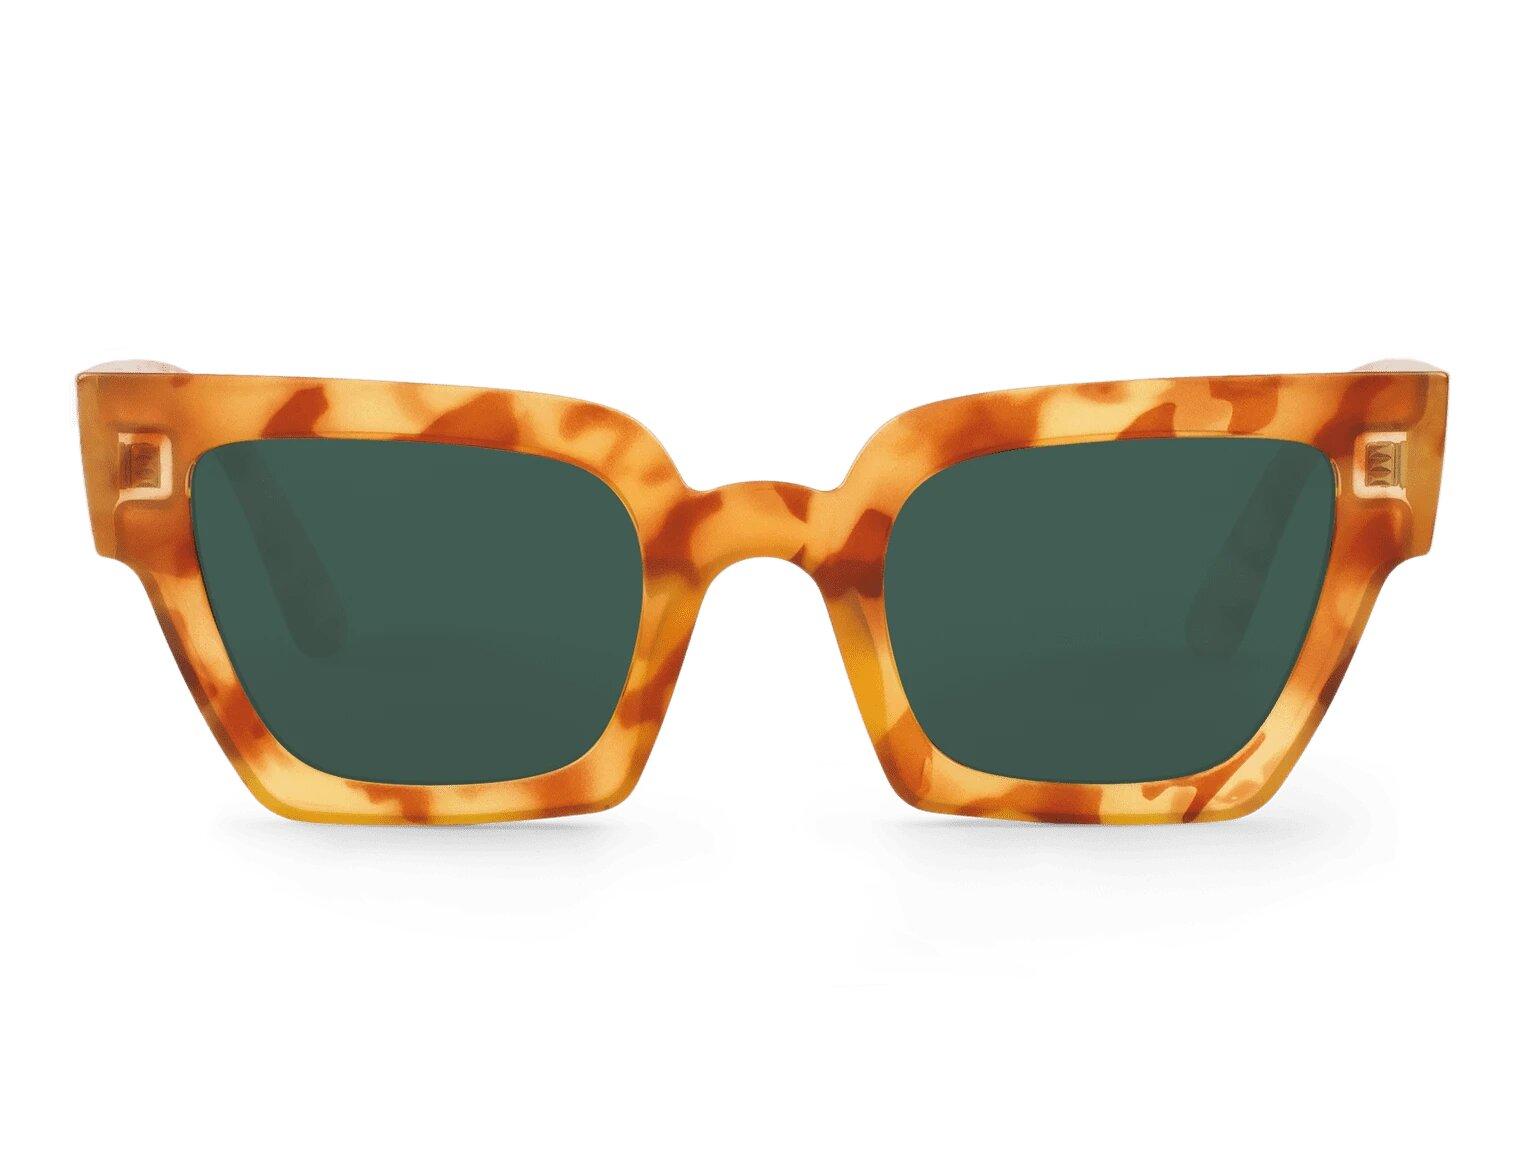 Gafas caramel FRELARD MR. BOHO